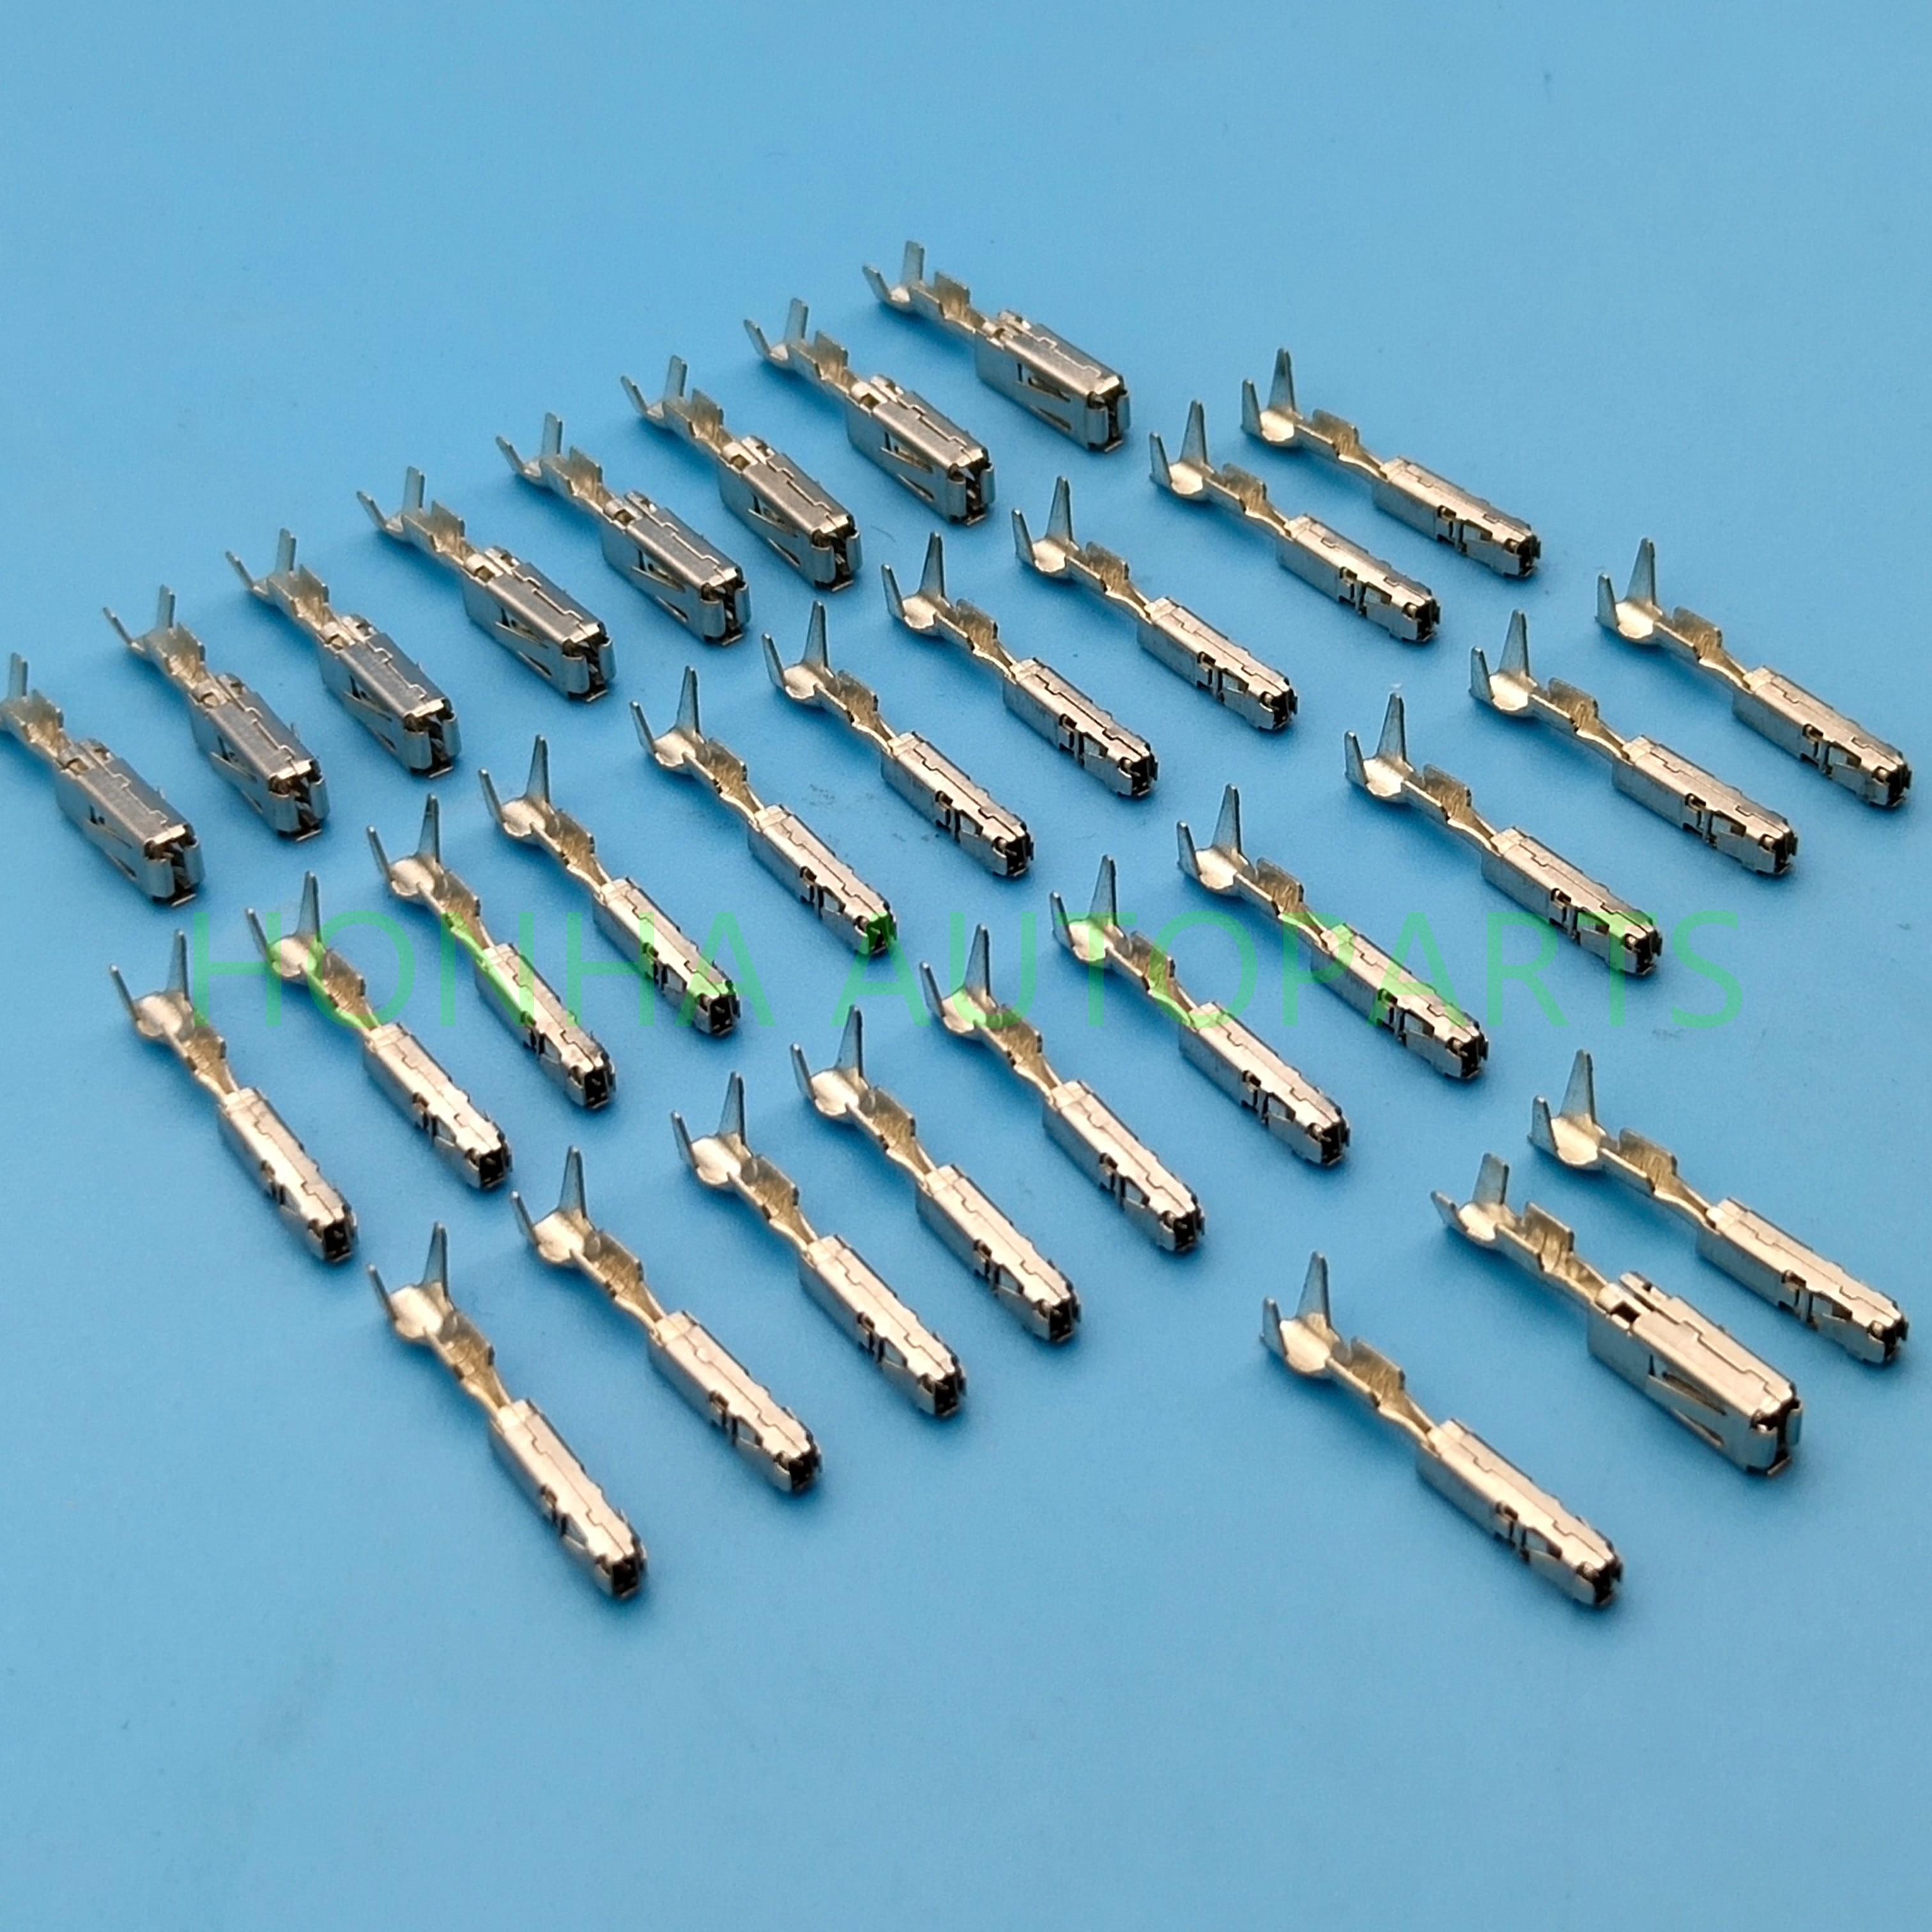 Штыри для 28 отверстий 28 способов 28 Pin 28 P ткацкий станок для ремонта дверных жгутов стыковочный разъем 1K0937702C 1241380-1 1241388-1